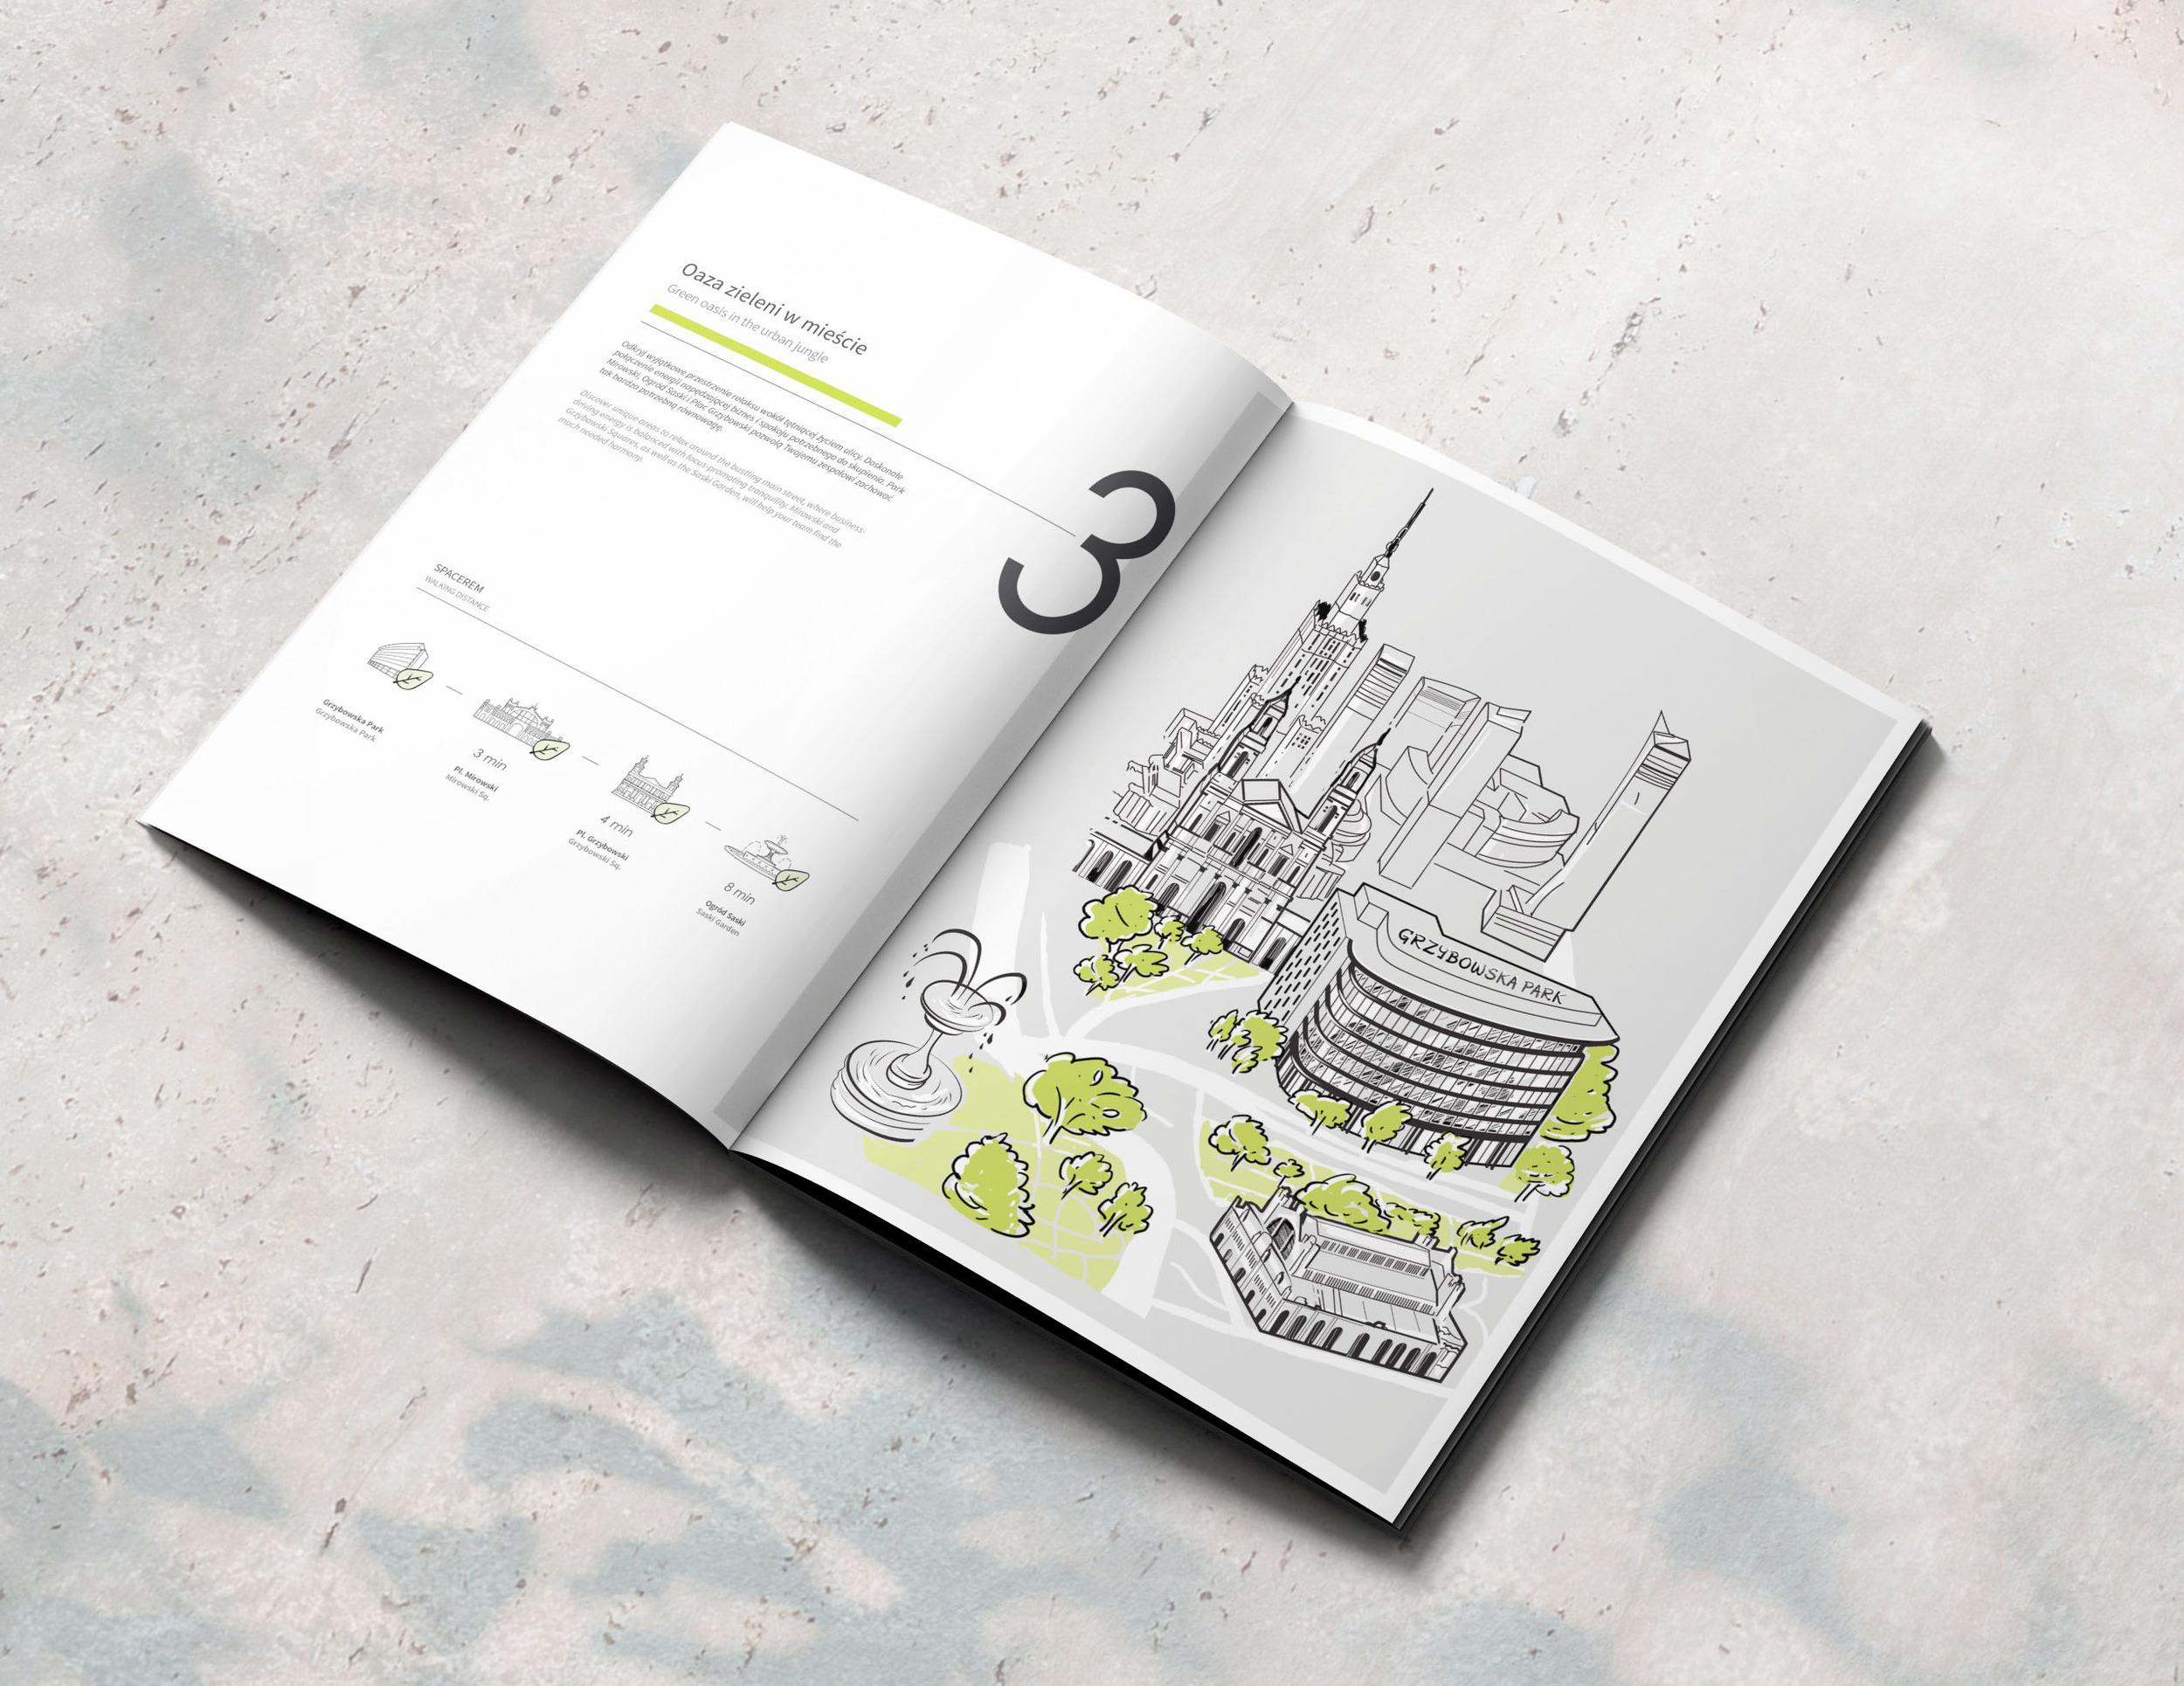 2015 Deka Grzybowska Park brochure 6.jpg